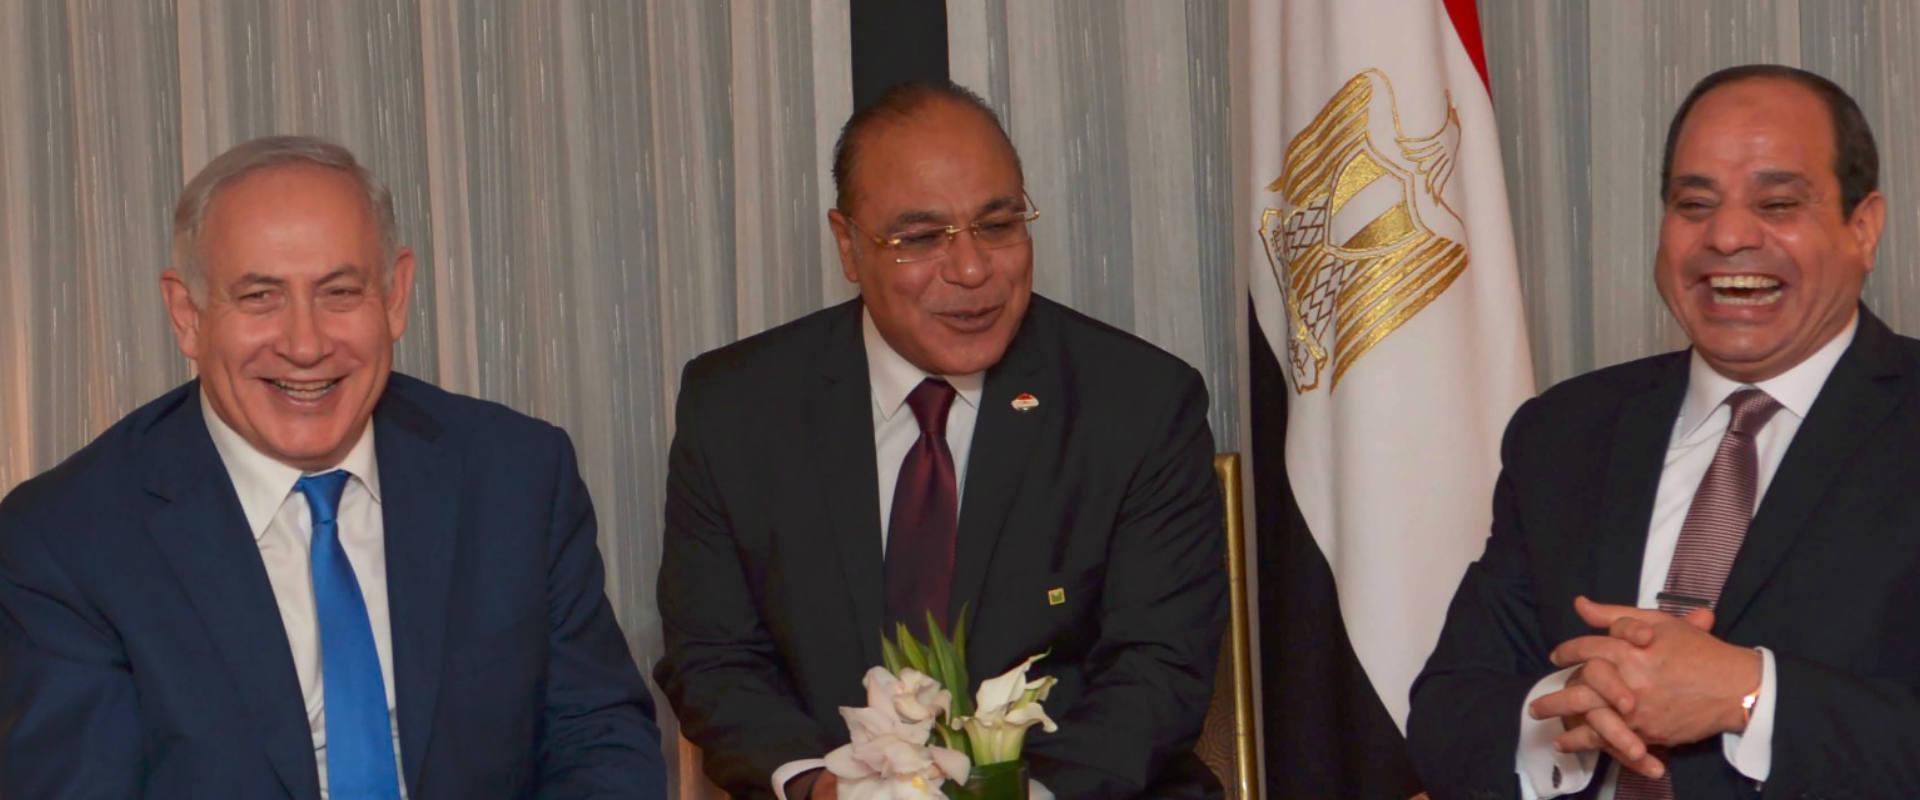 """נשיא מצרים עבד אלפתאח א-סיסי ורה""""מ בנימין נתניהו ב"""